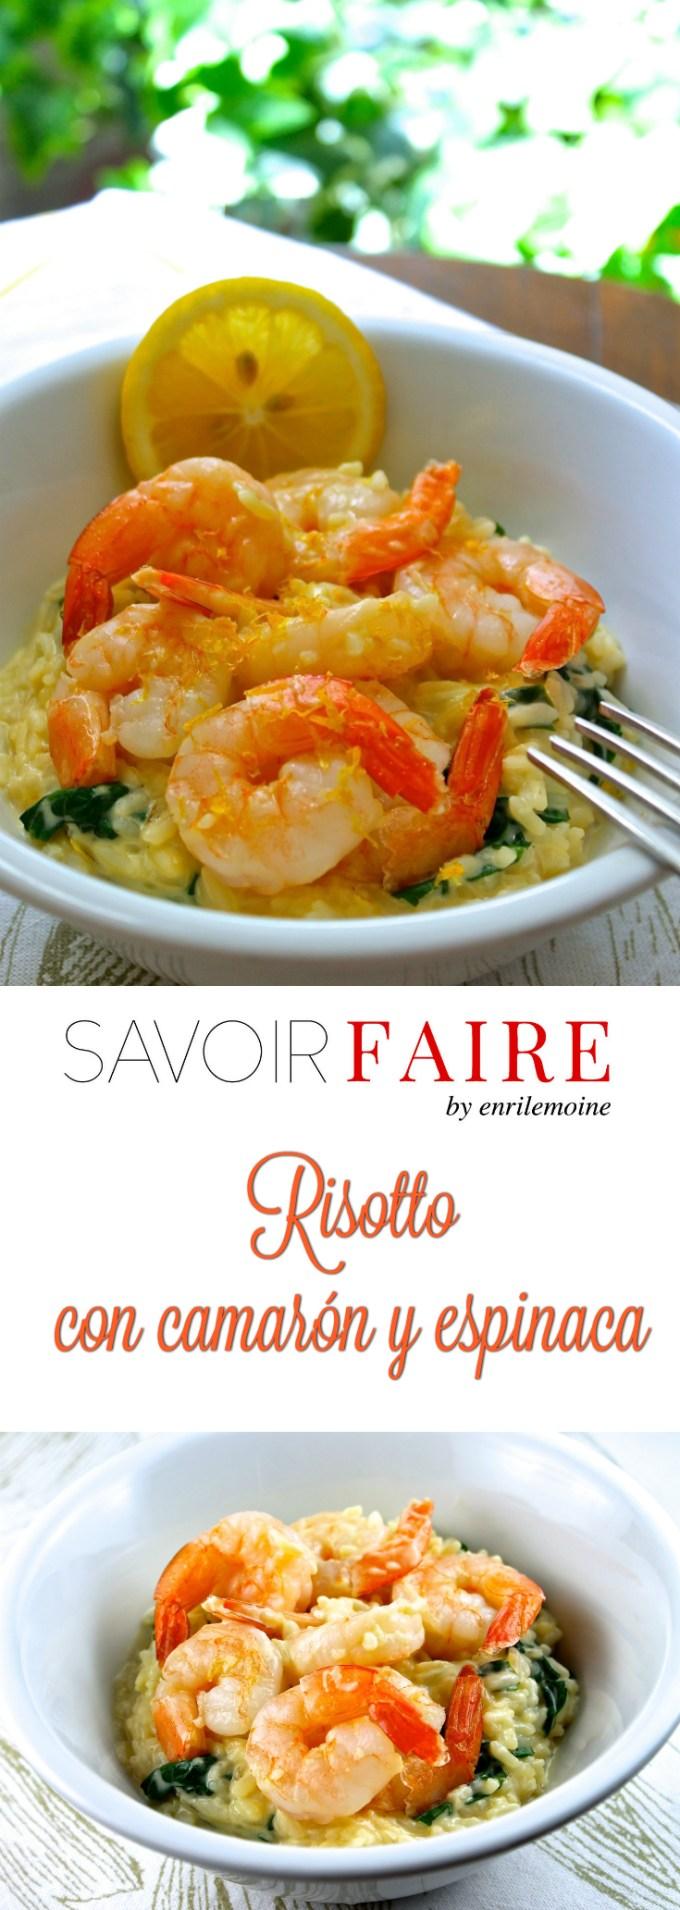 Esta receta de risotto con camarón y espinaca te permite tener una cena libre de gluten y deliciosa en 15 minutos: sin complicaciones y sin sacrificar sabor.